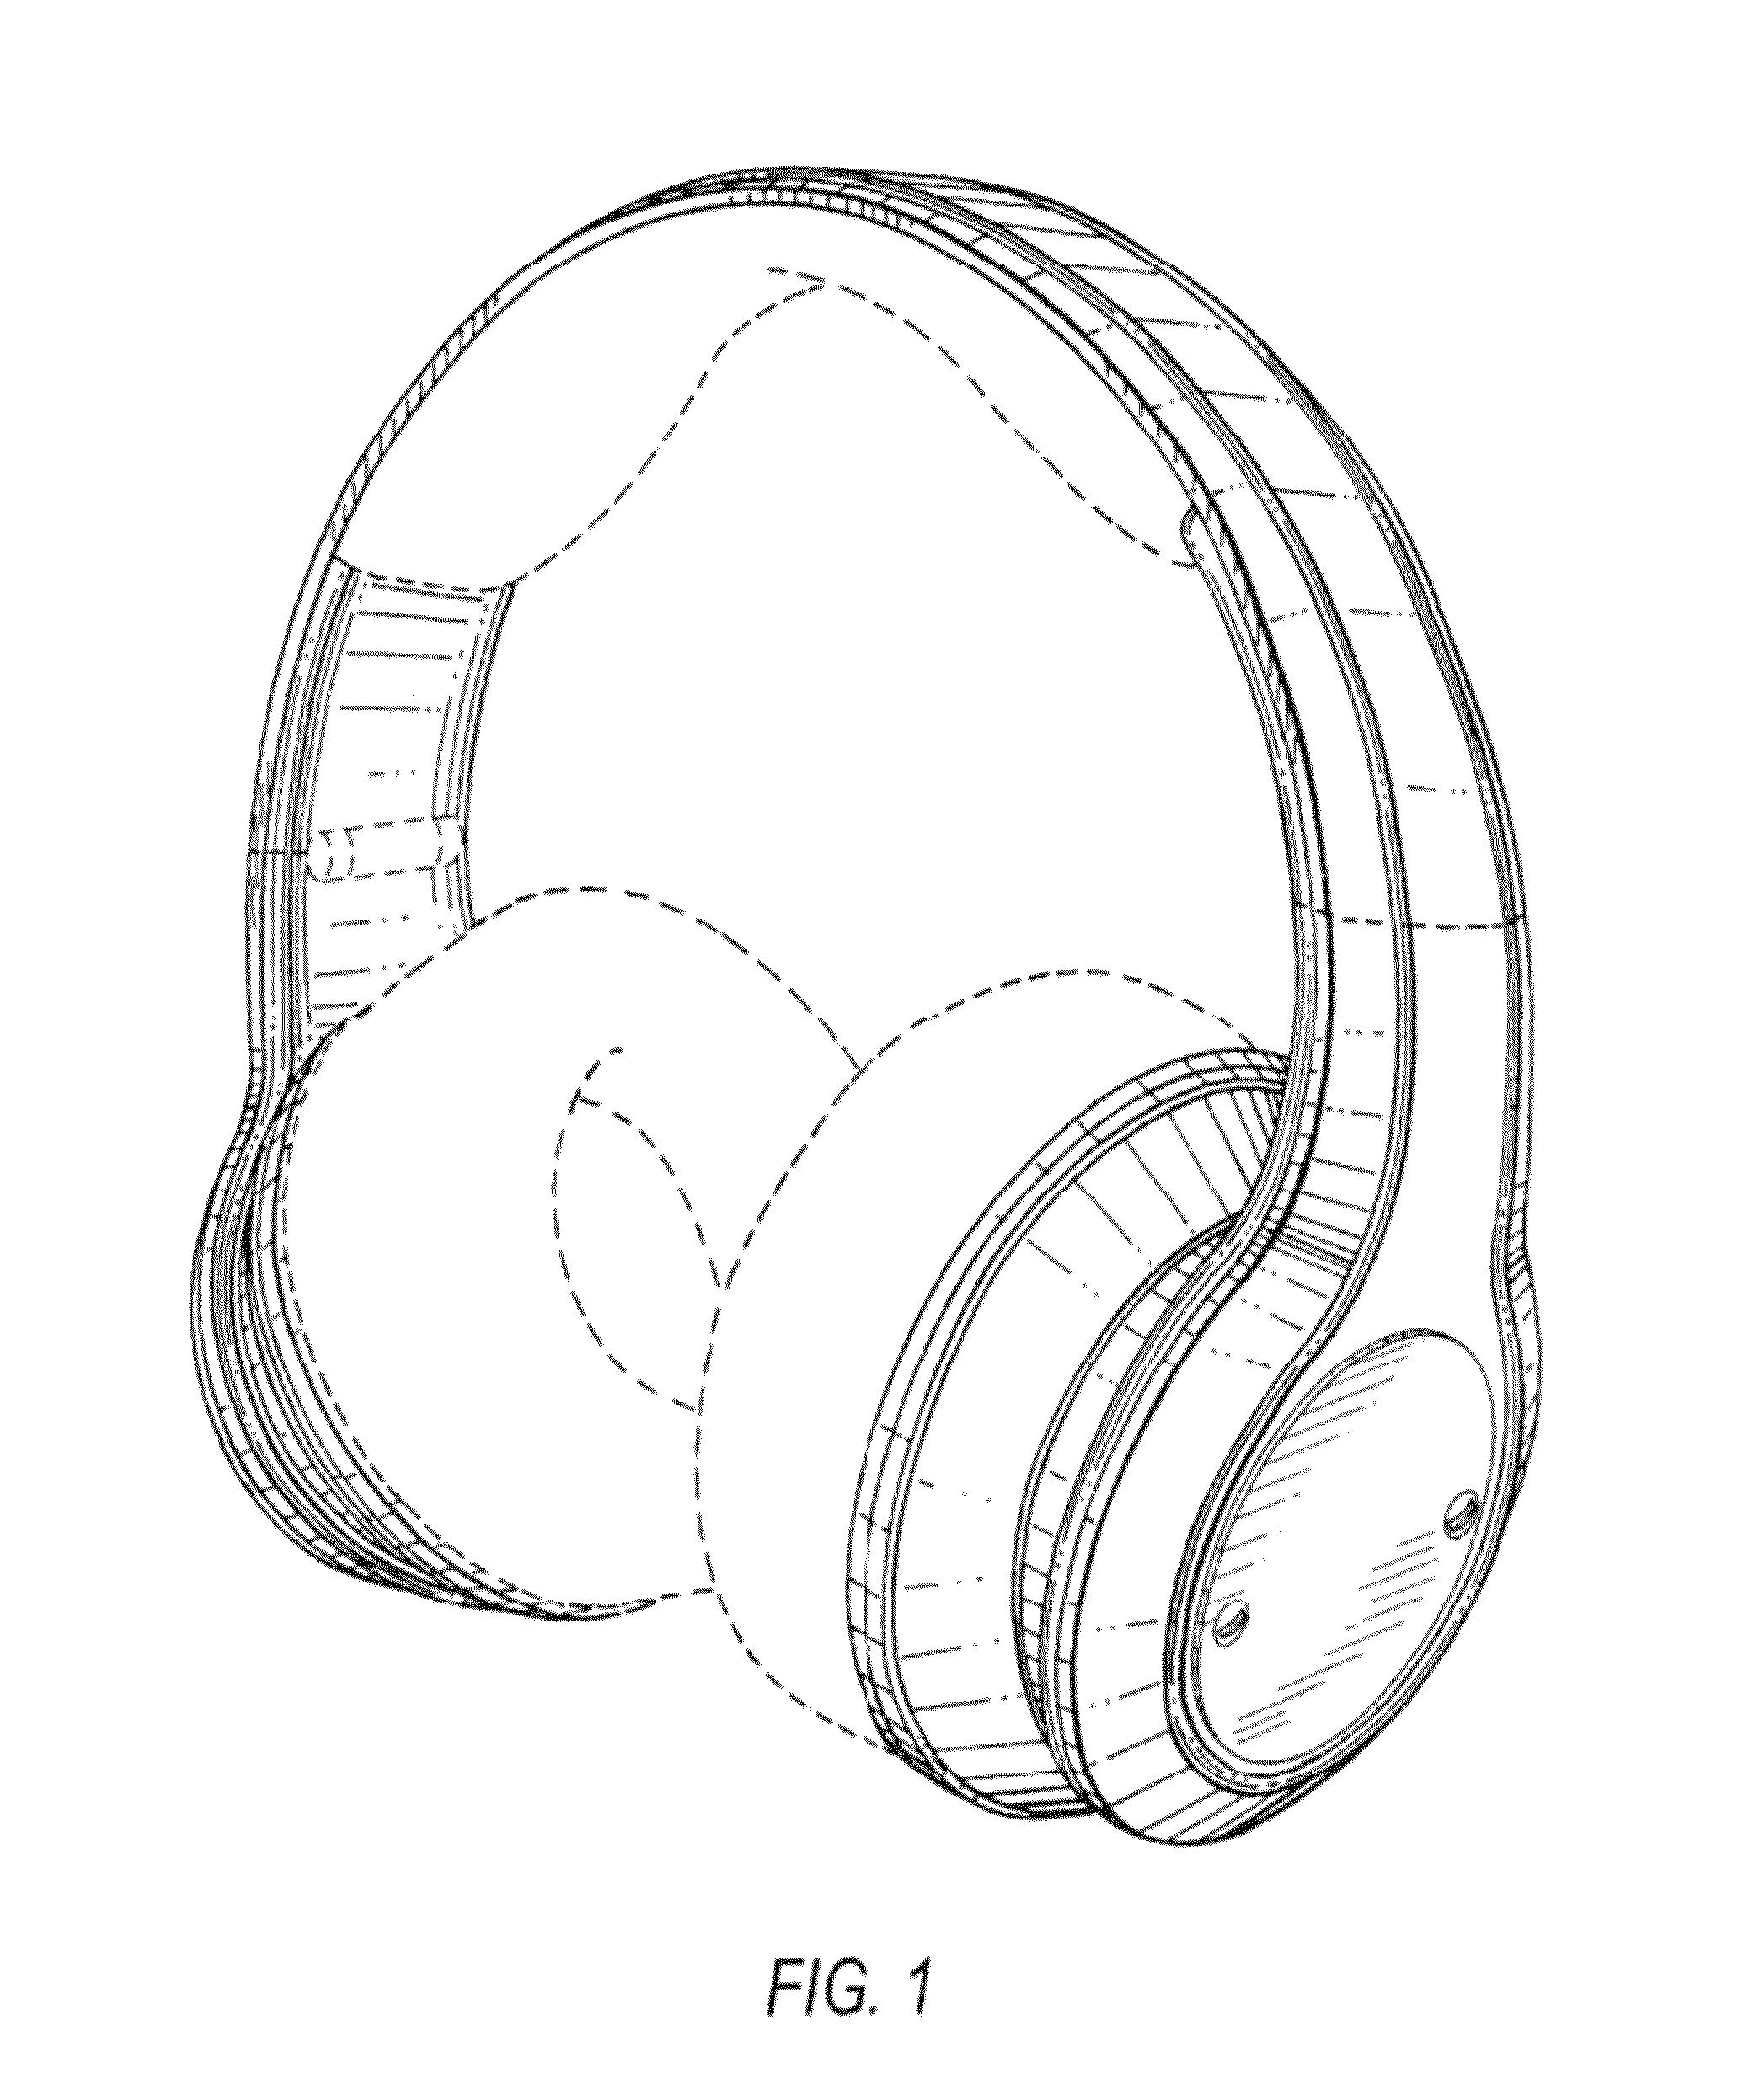 patent usd663716 - headphones